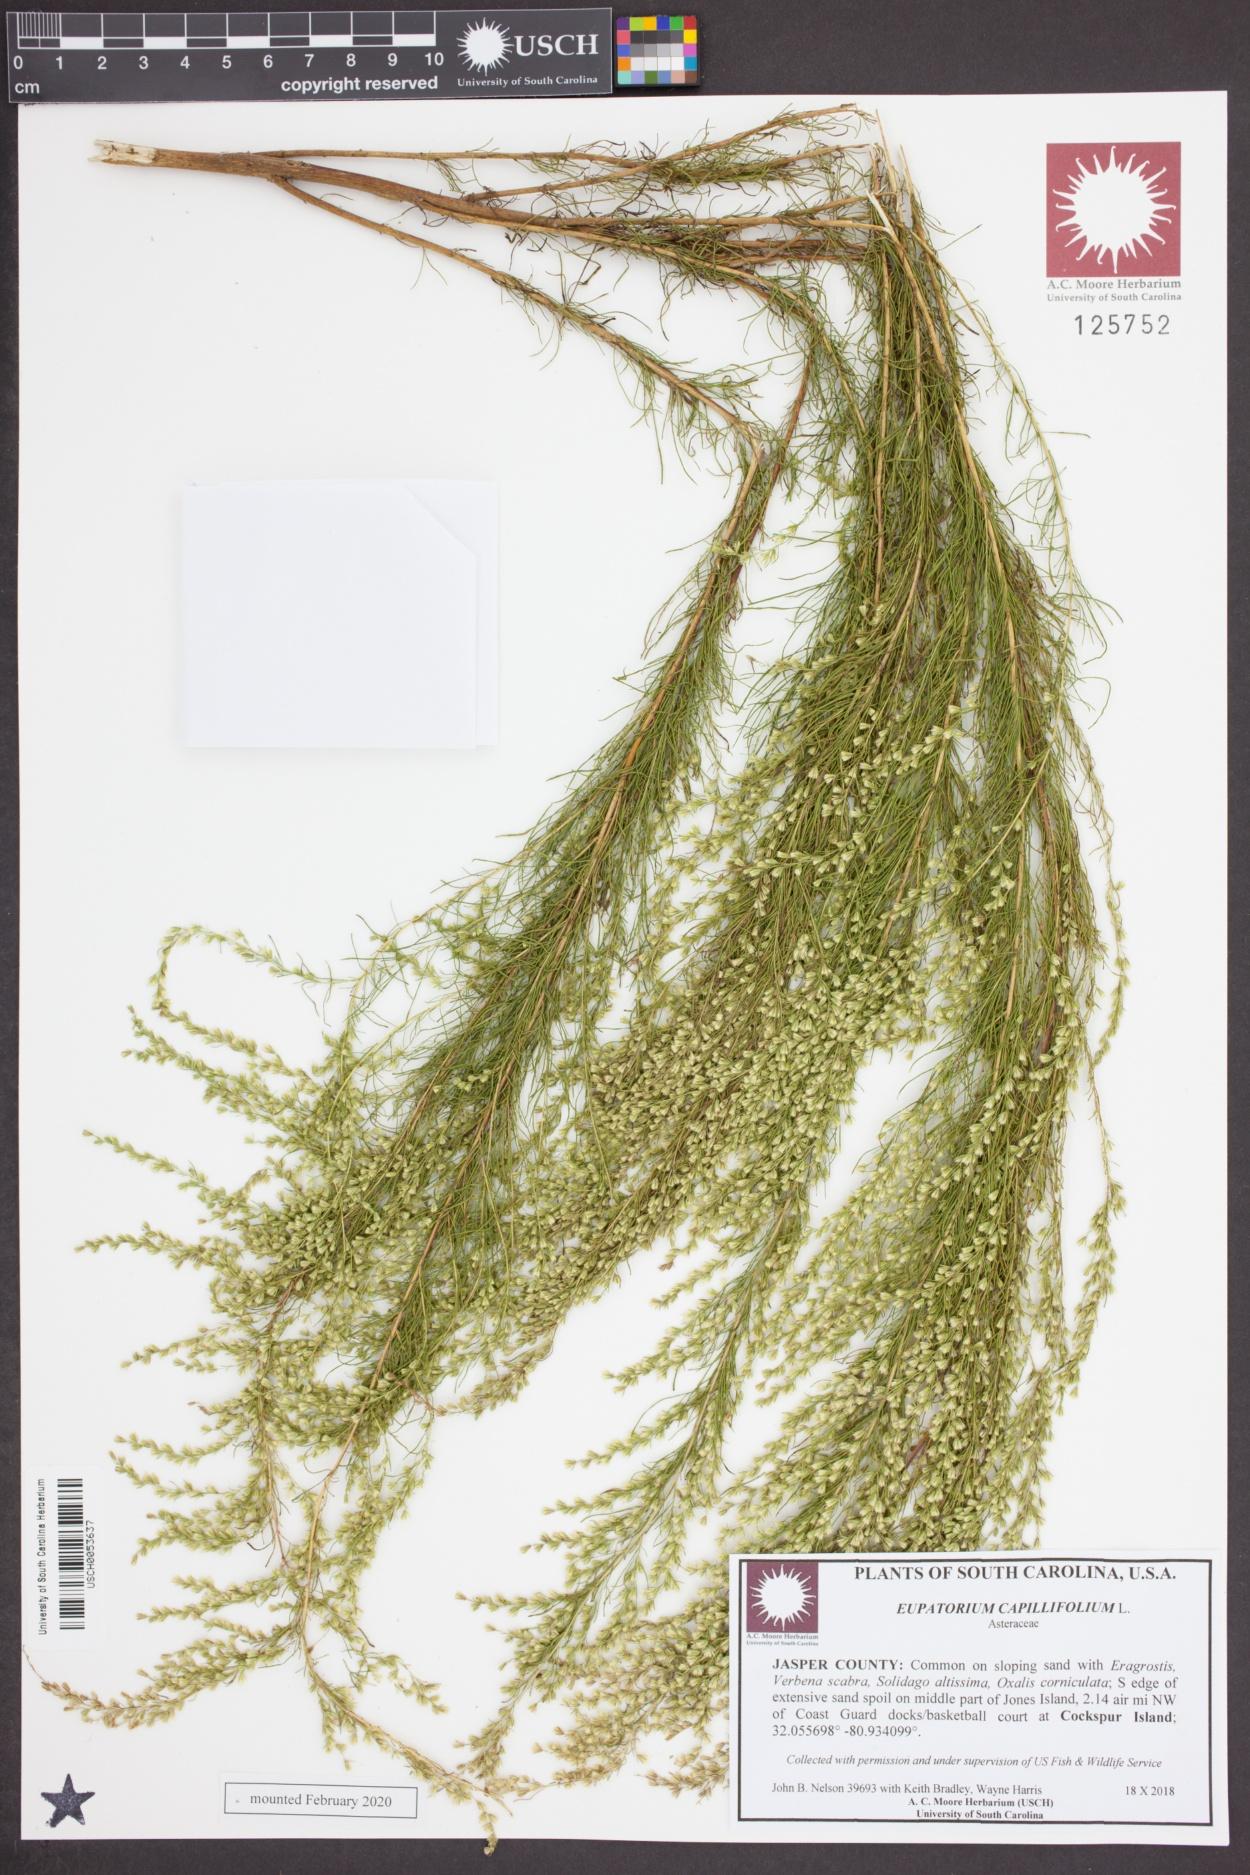 Eupatorium image